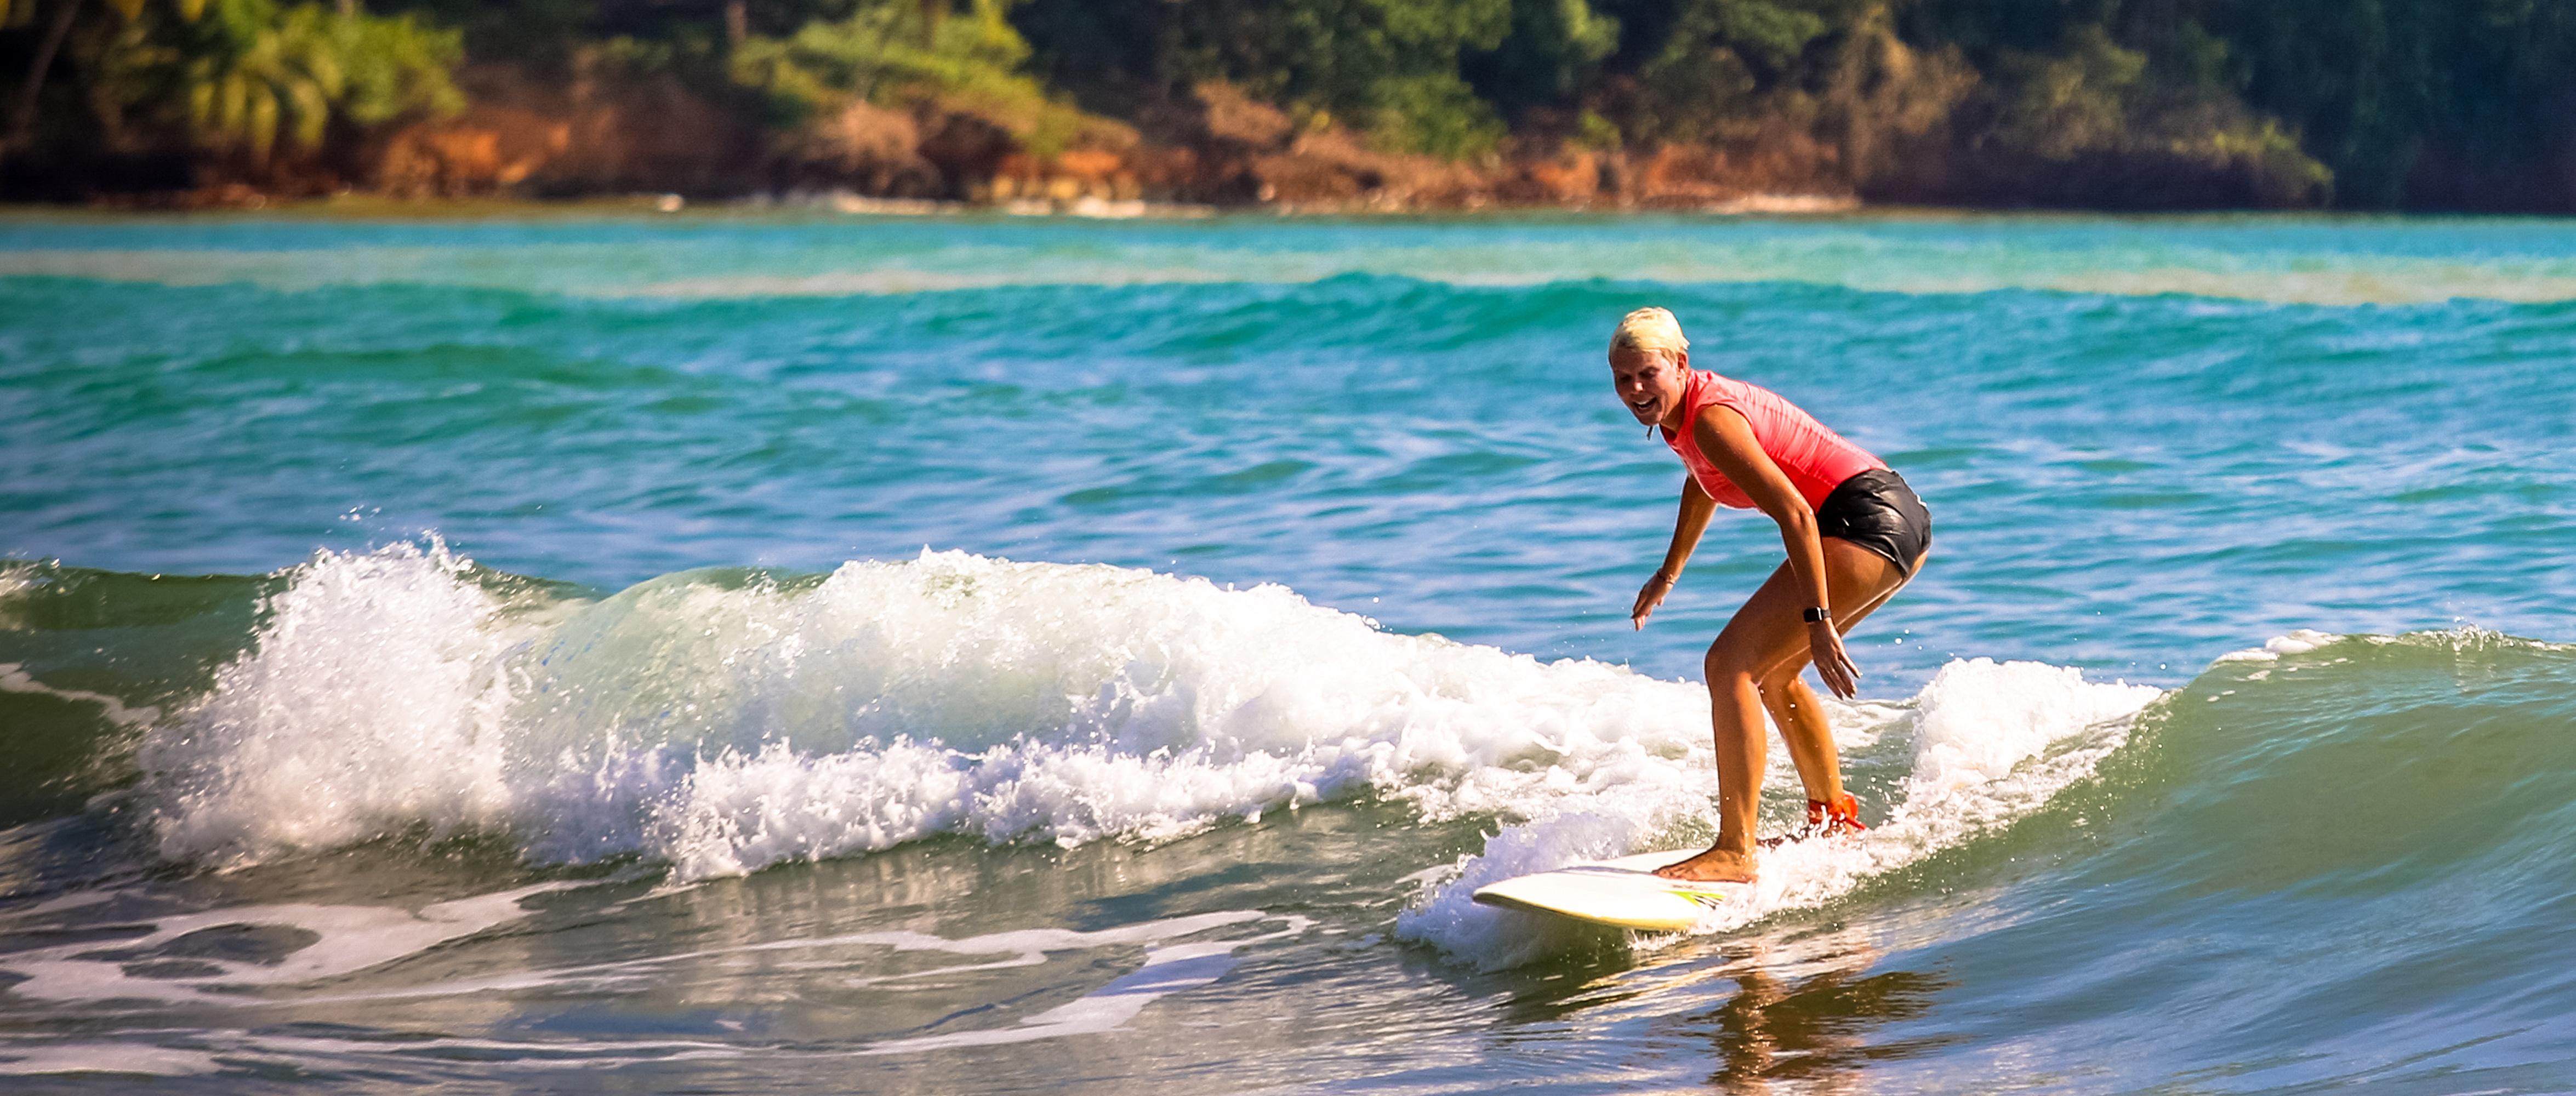 Surfer Riding a Wave: Altos de Miramar, Dominical, Osa Peninsula